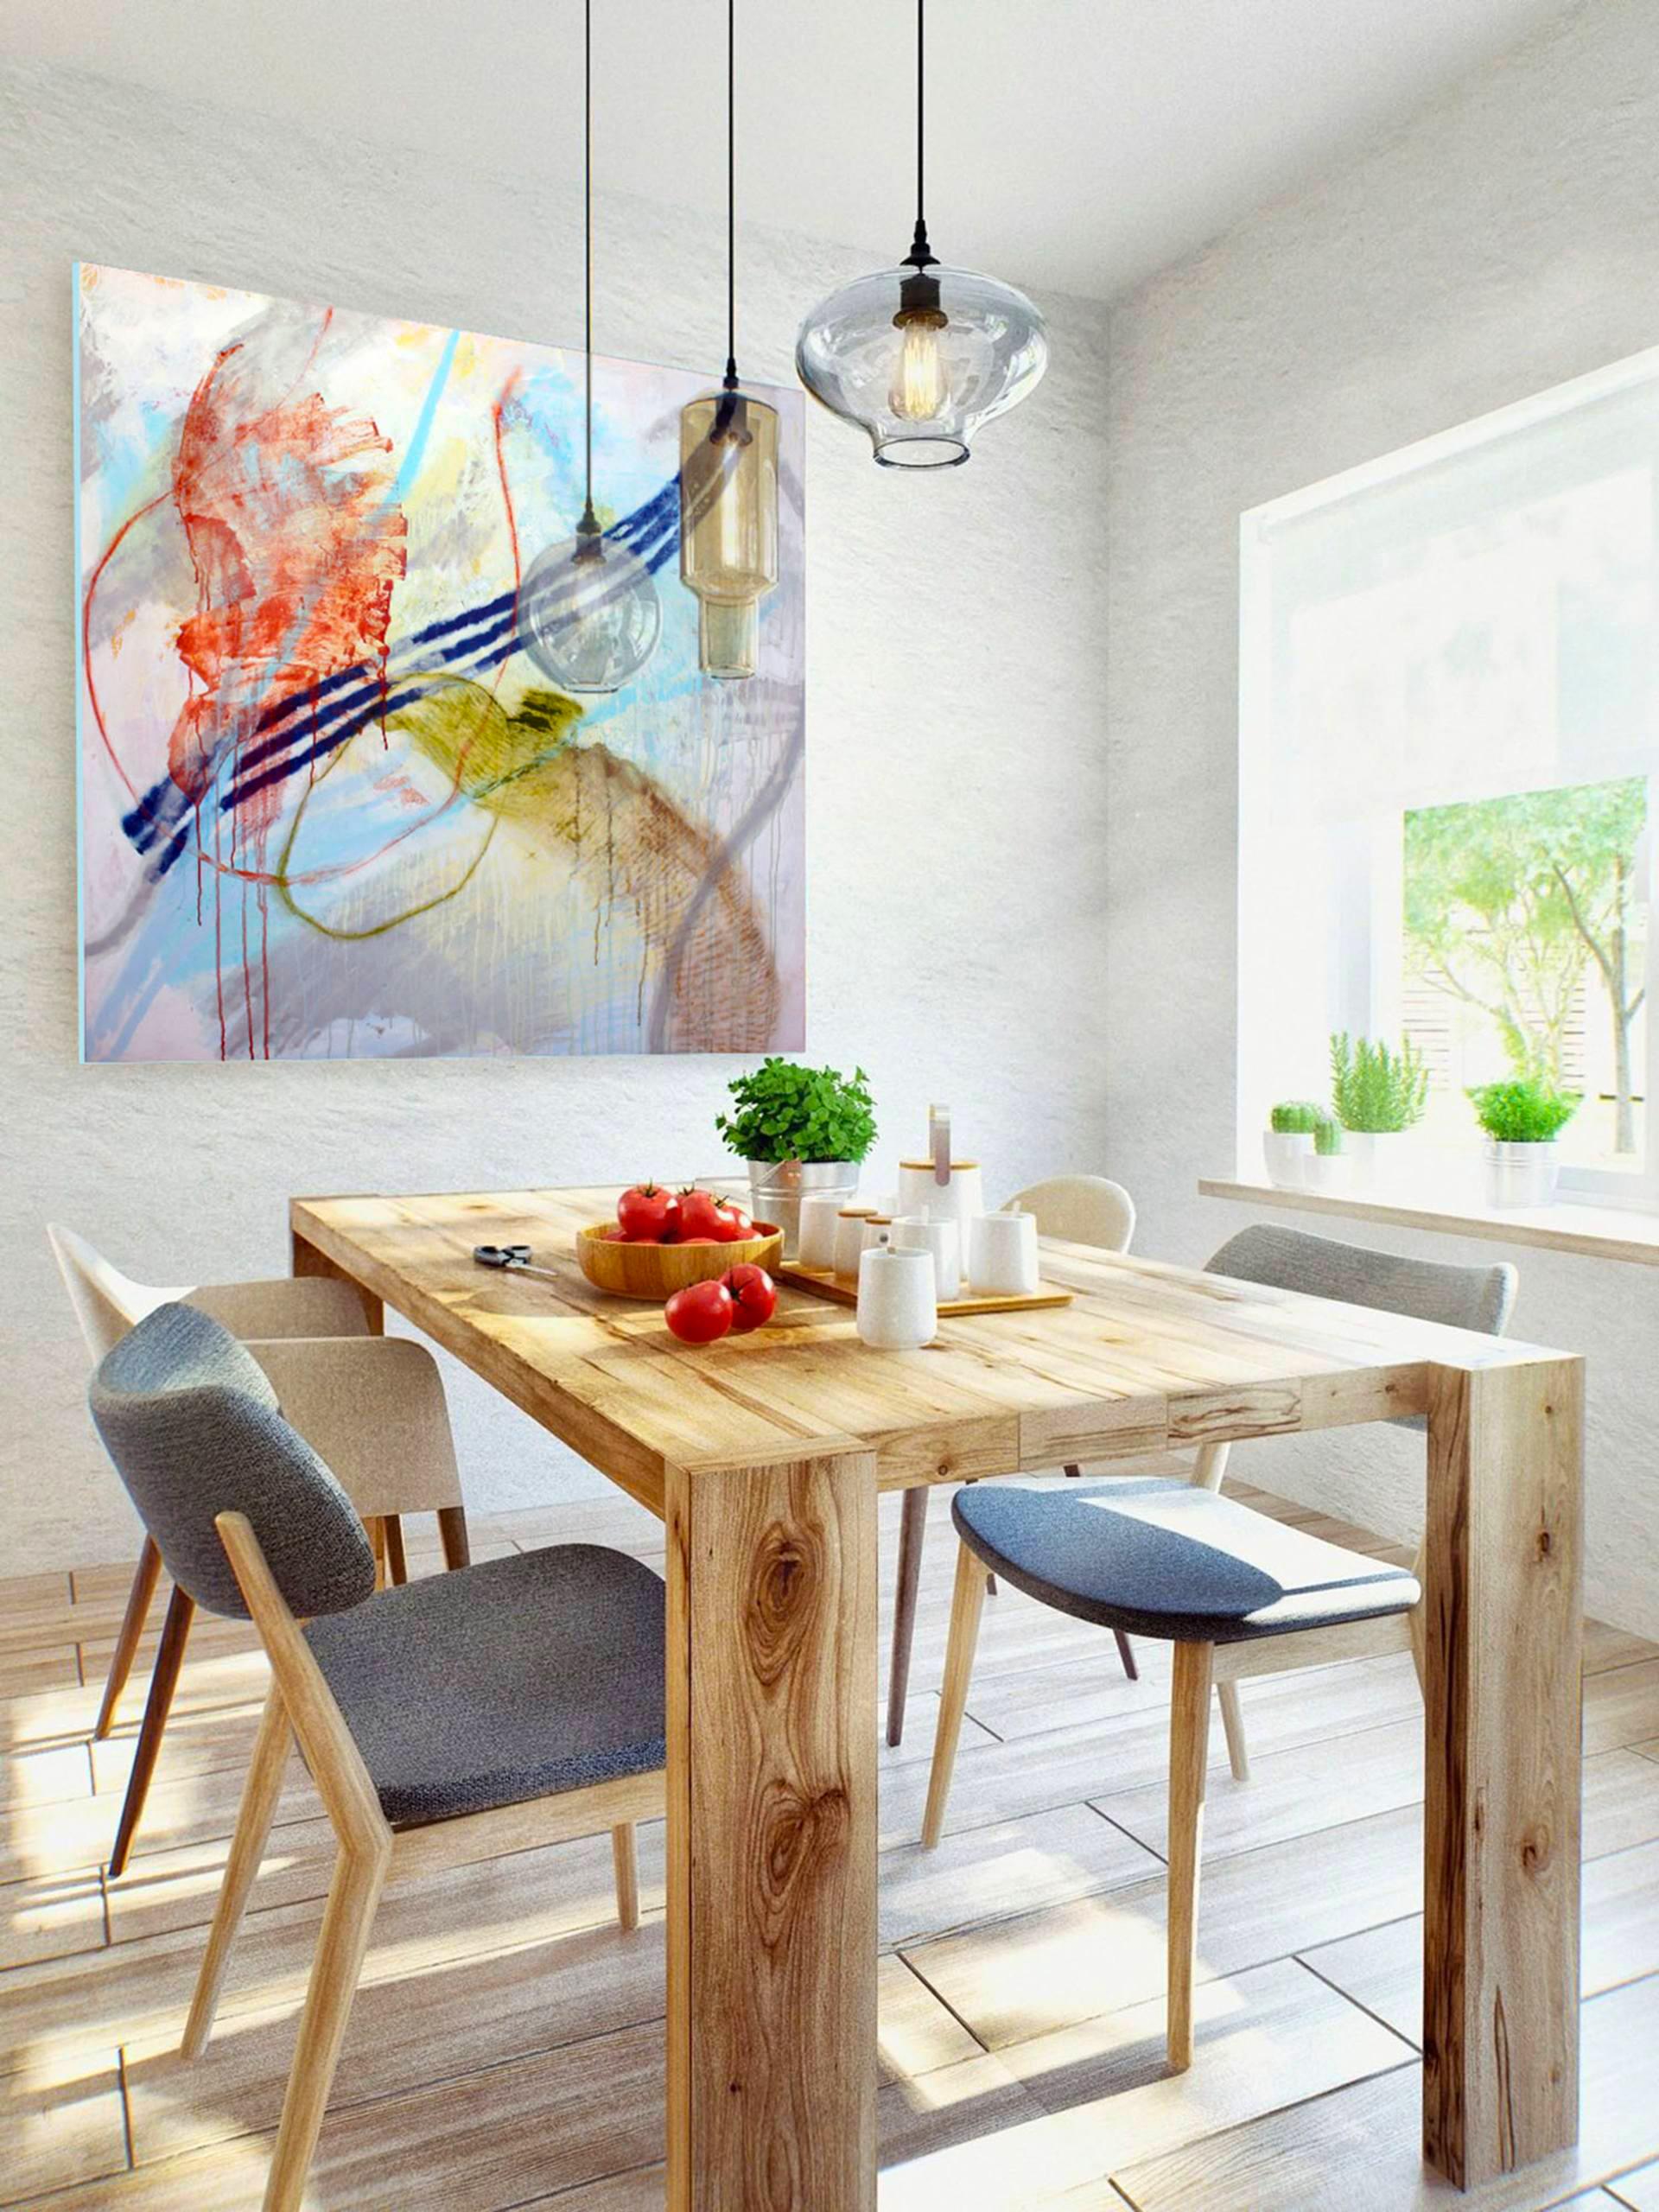 nội thất se sẻ, se sẻ furniture, nội thất gỗ, nội thất kim loại, thiết kế không gian ấm cúng